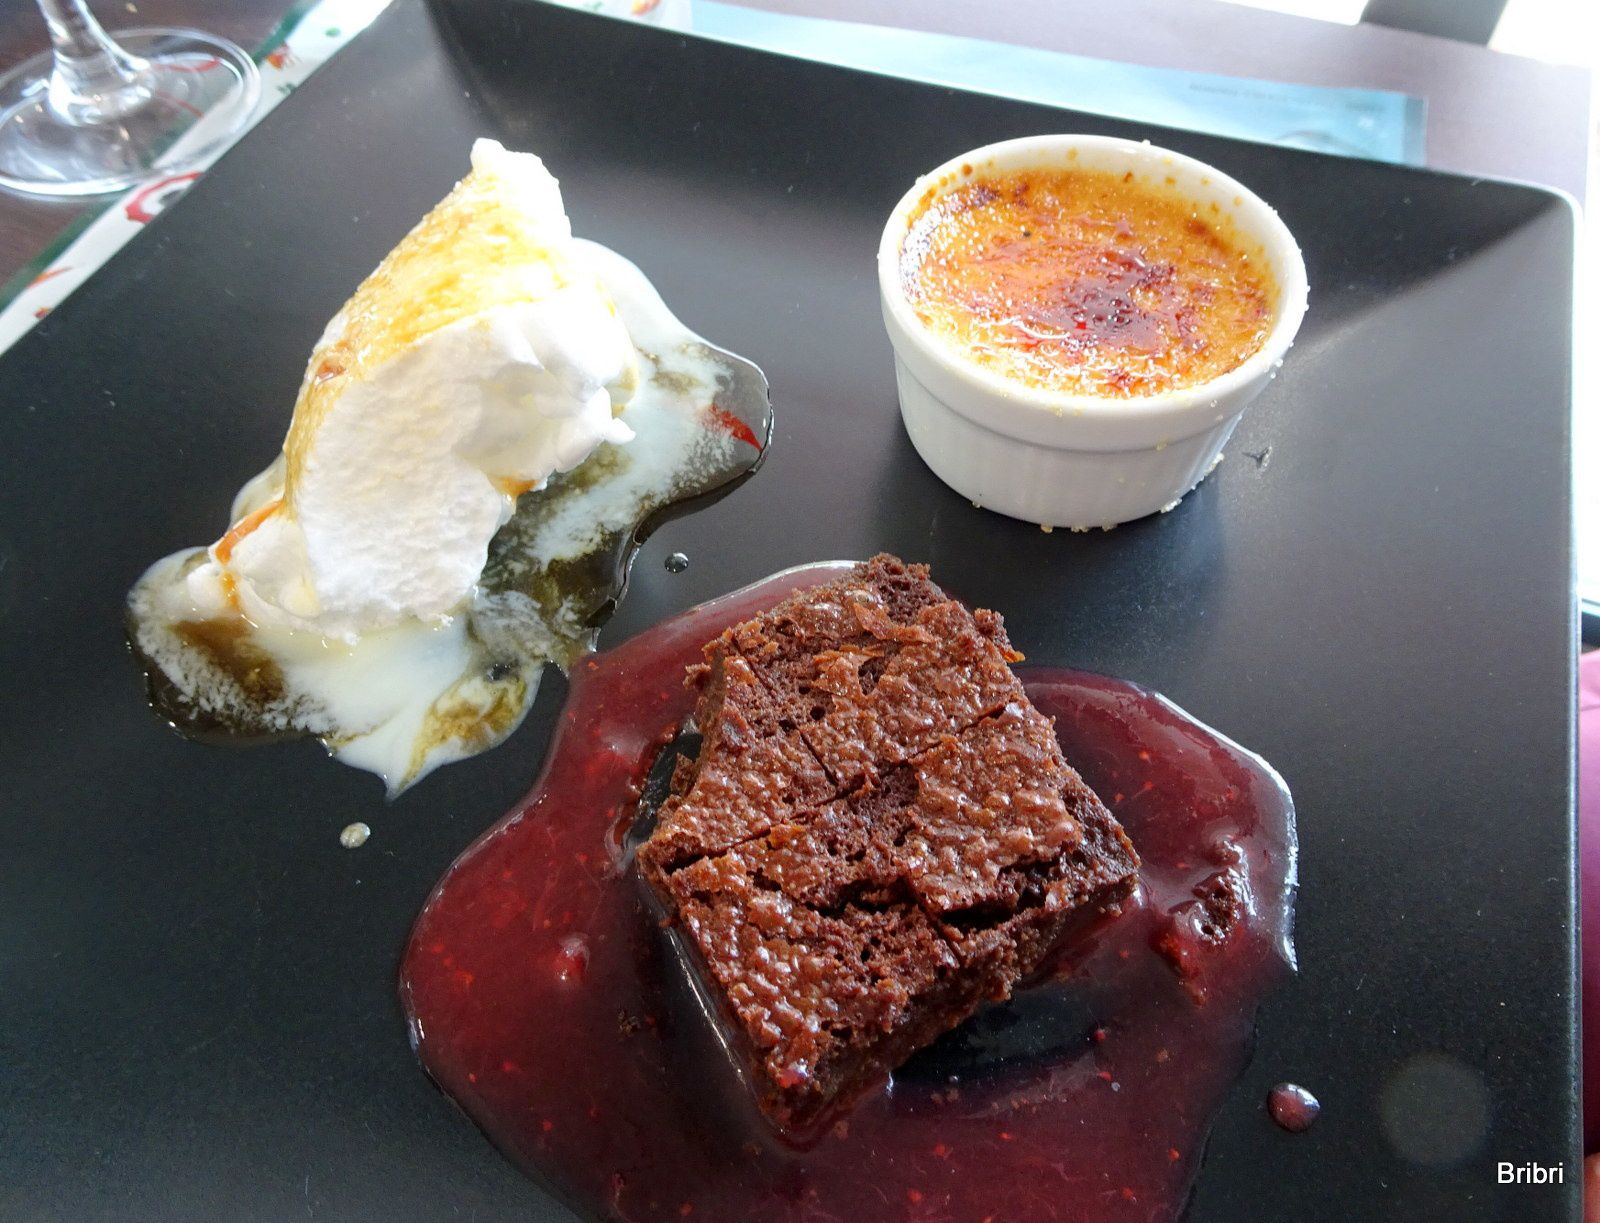 L'entrée et le dessert, les assiettes sont bien remplies.